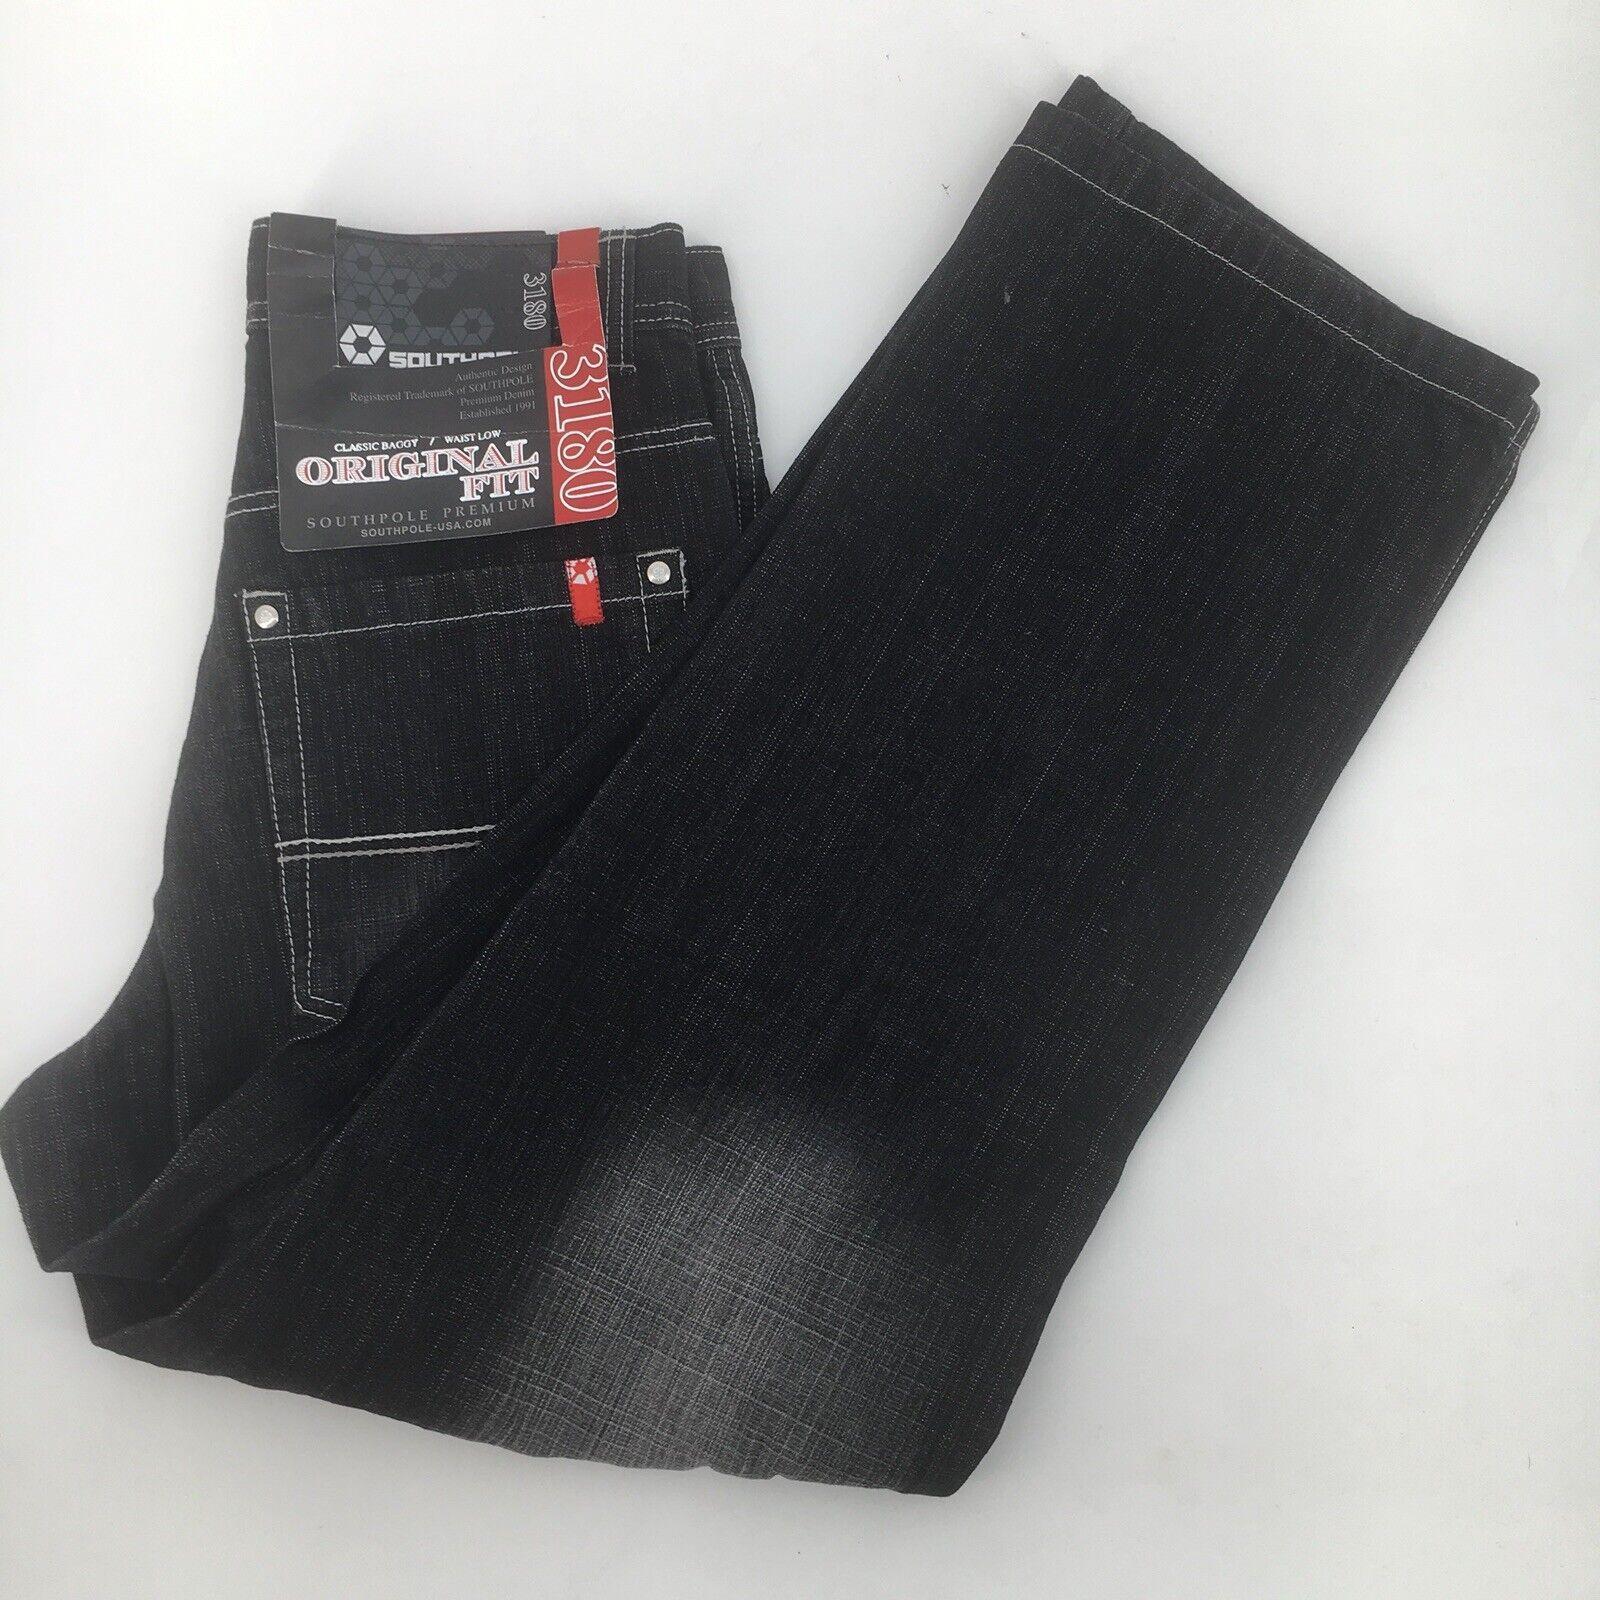 Southpole Black Denim Jeans Mens size 29 x 30 Baggy Hip Hop